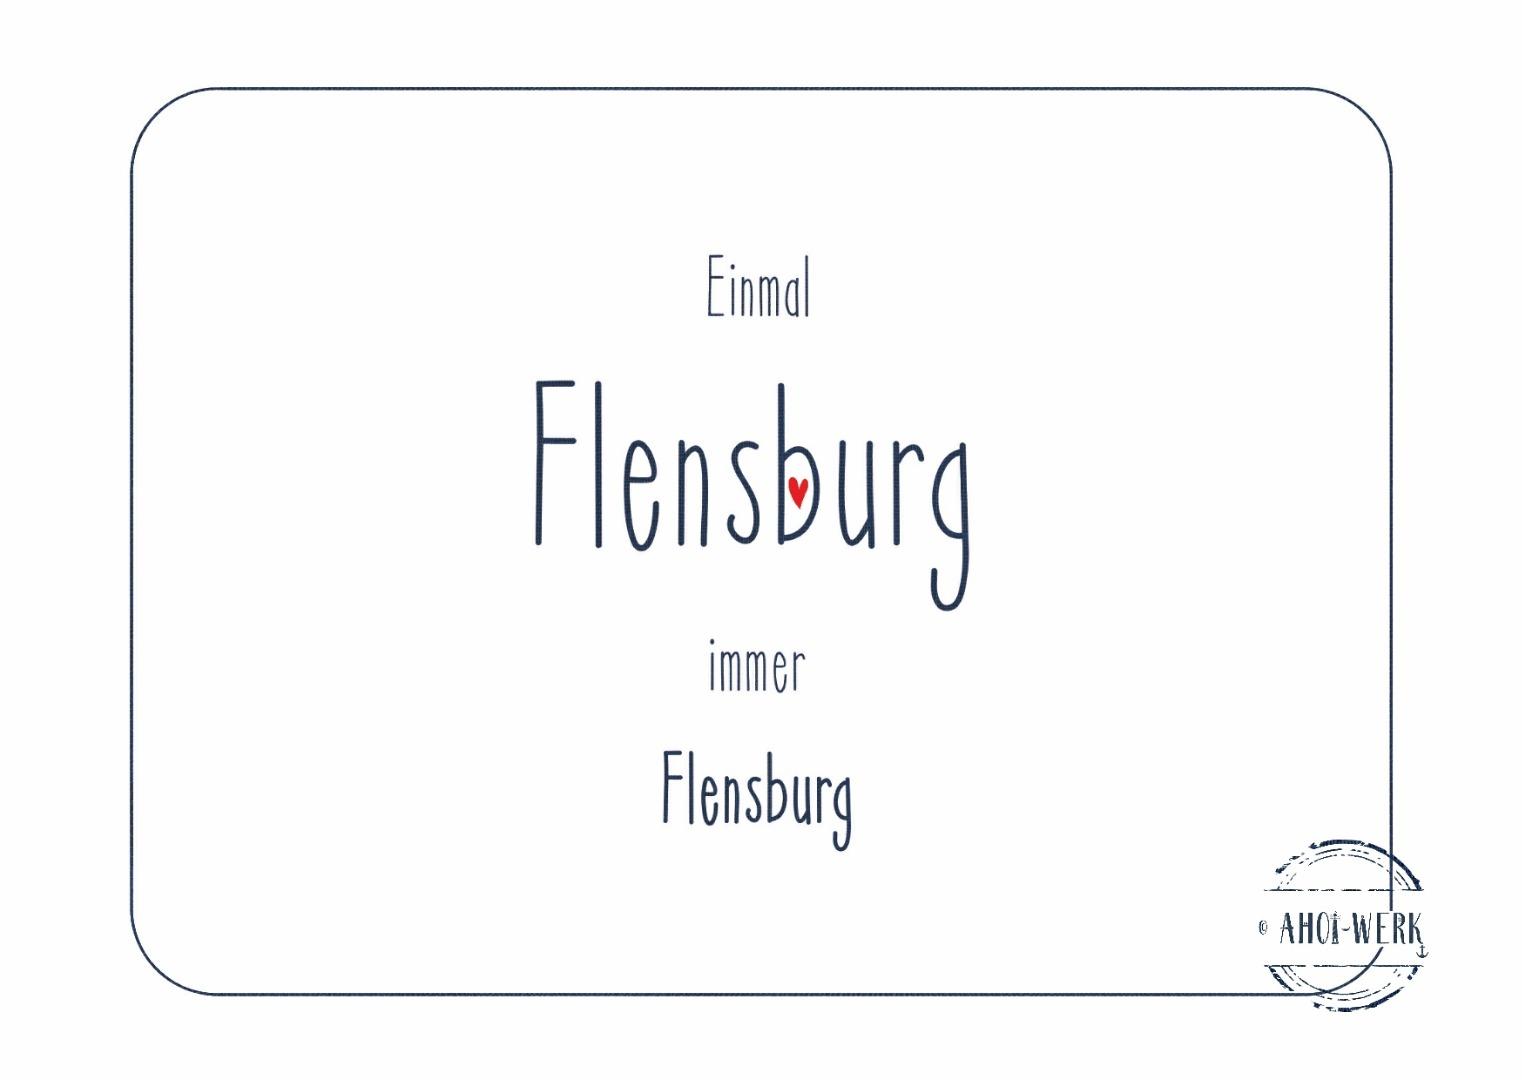 Postkarte Einmal Flensburg immer Flensburg